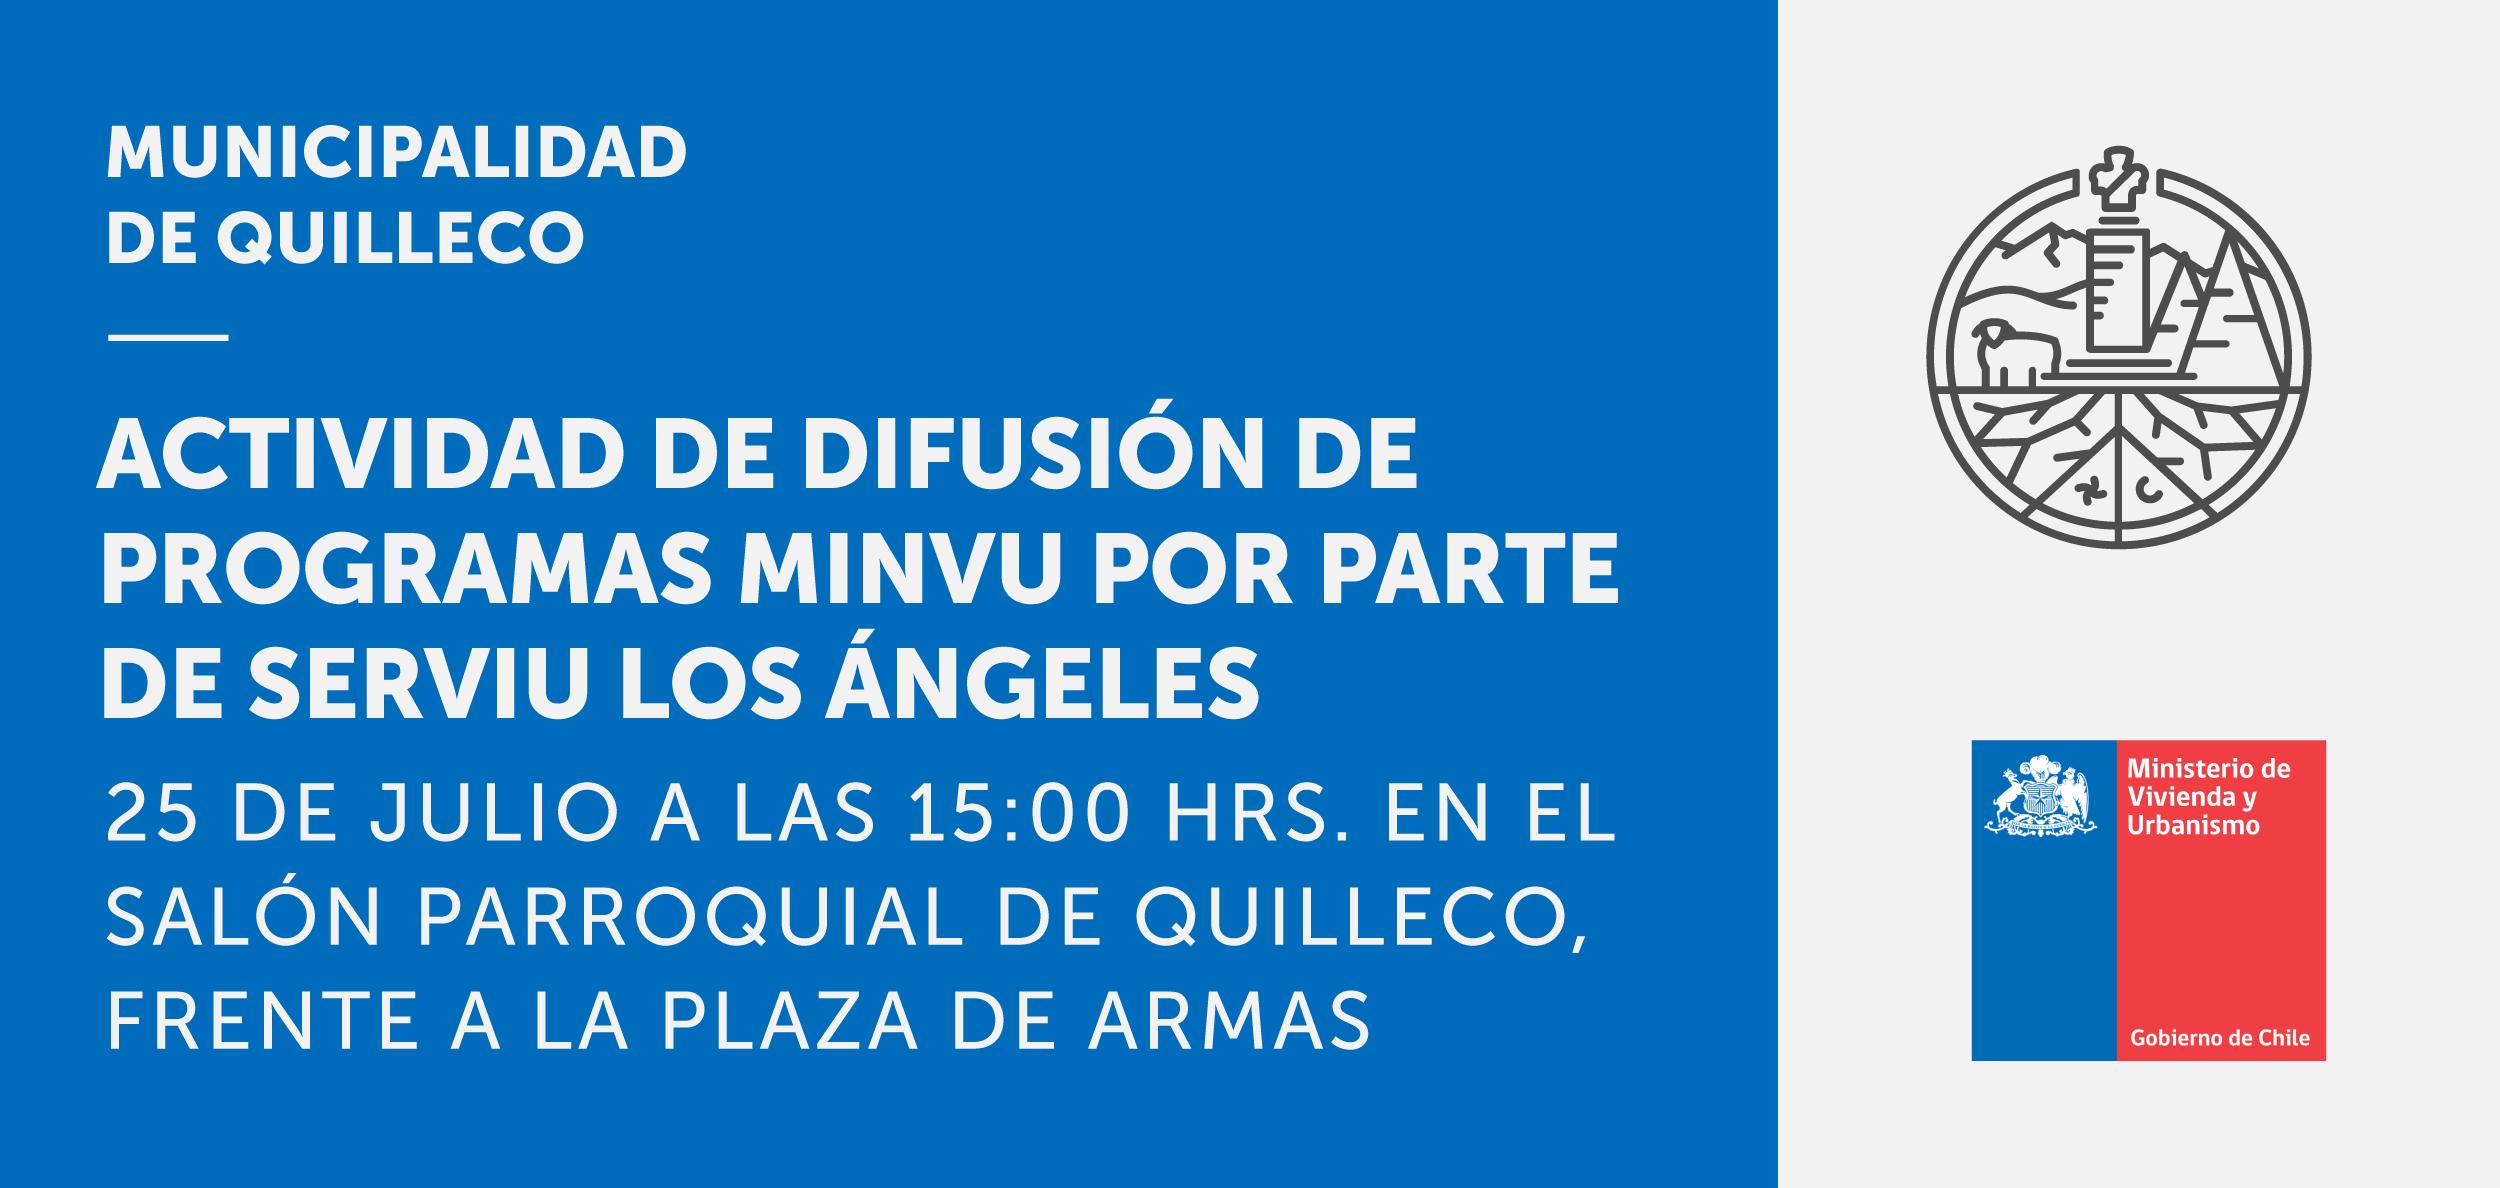 El próximo 25 de Julio SERVIU estará realizando difusión en nuestra comuna de los programas del Ministerio de Vivienda y Urbanismo